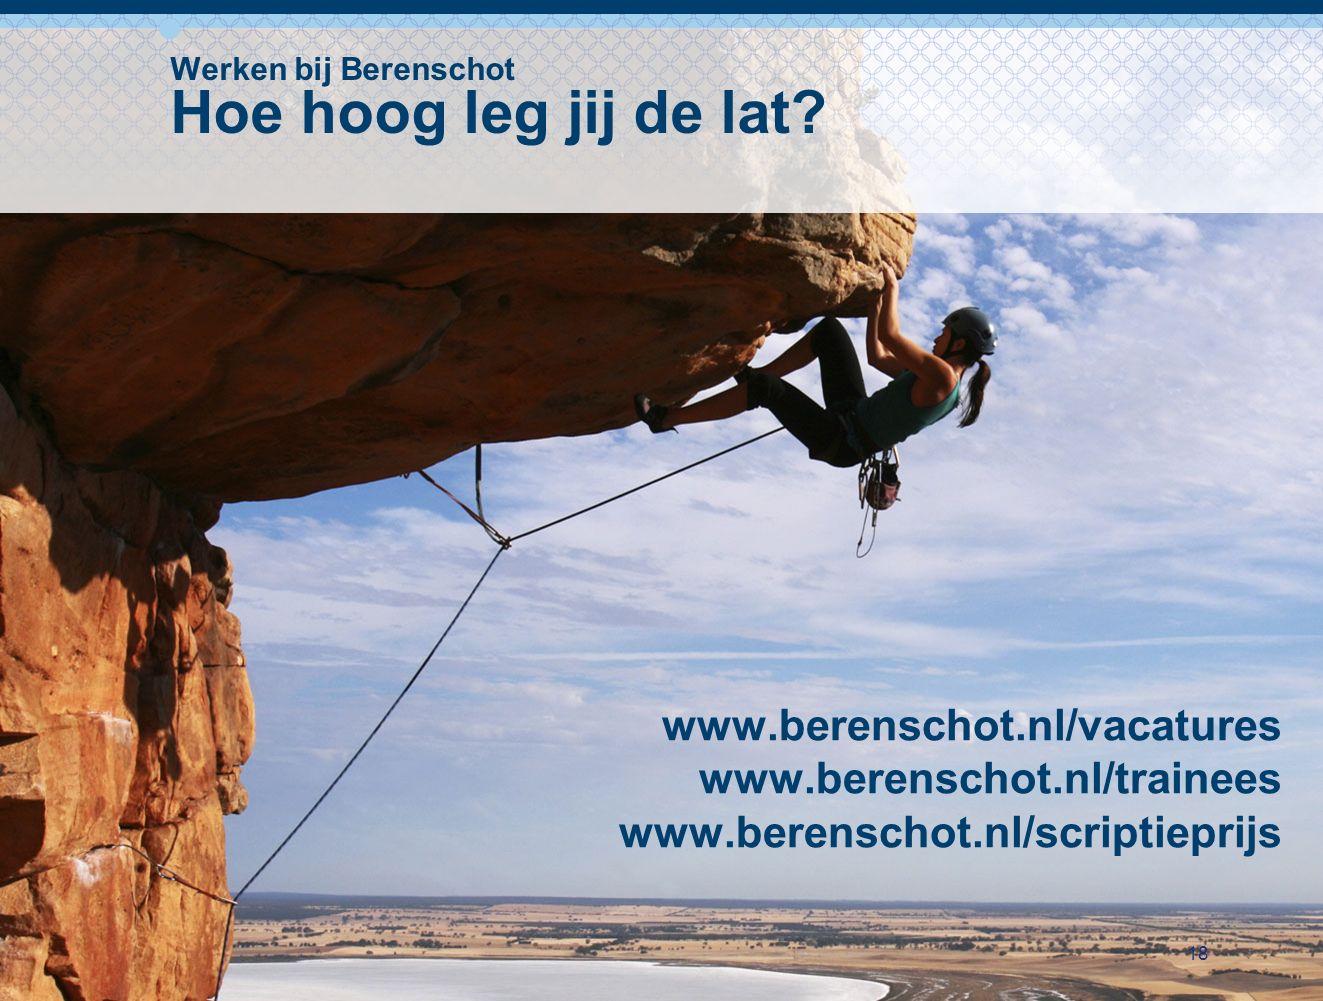 18 Werken bij Berenschot Hoe hoog leg jij de lat? www.berenschot.nl/vacatures www.berenschot.nl/trainees www.berenschot.nl/scriptieprijs